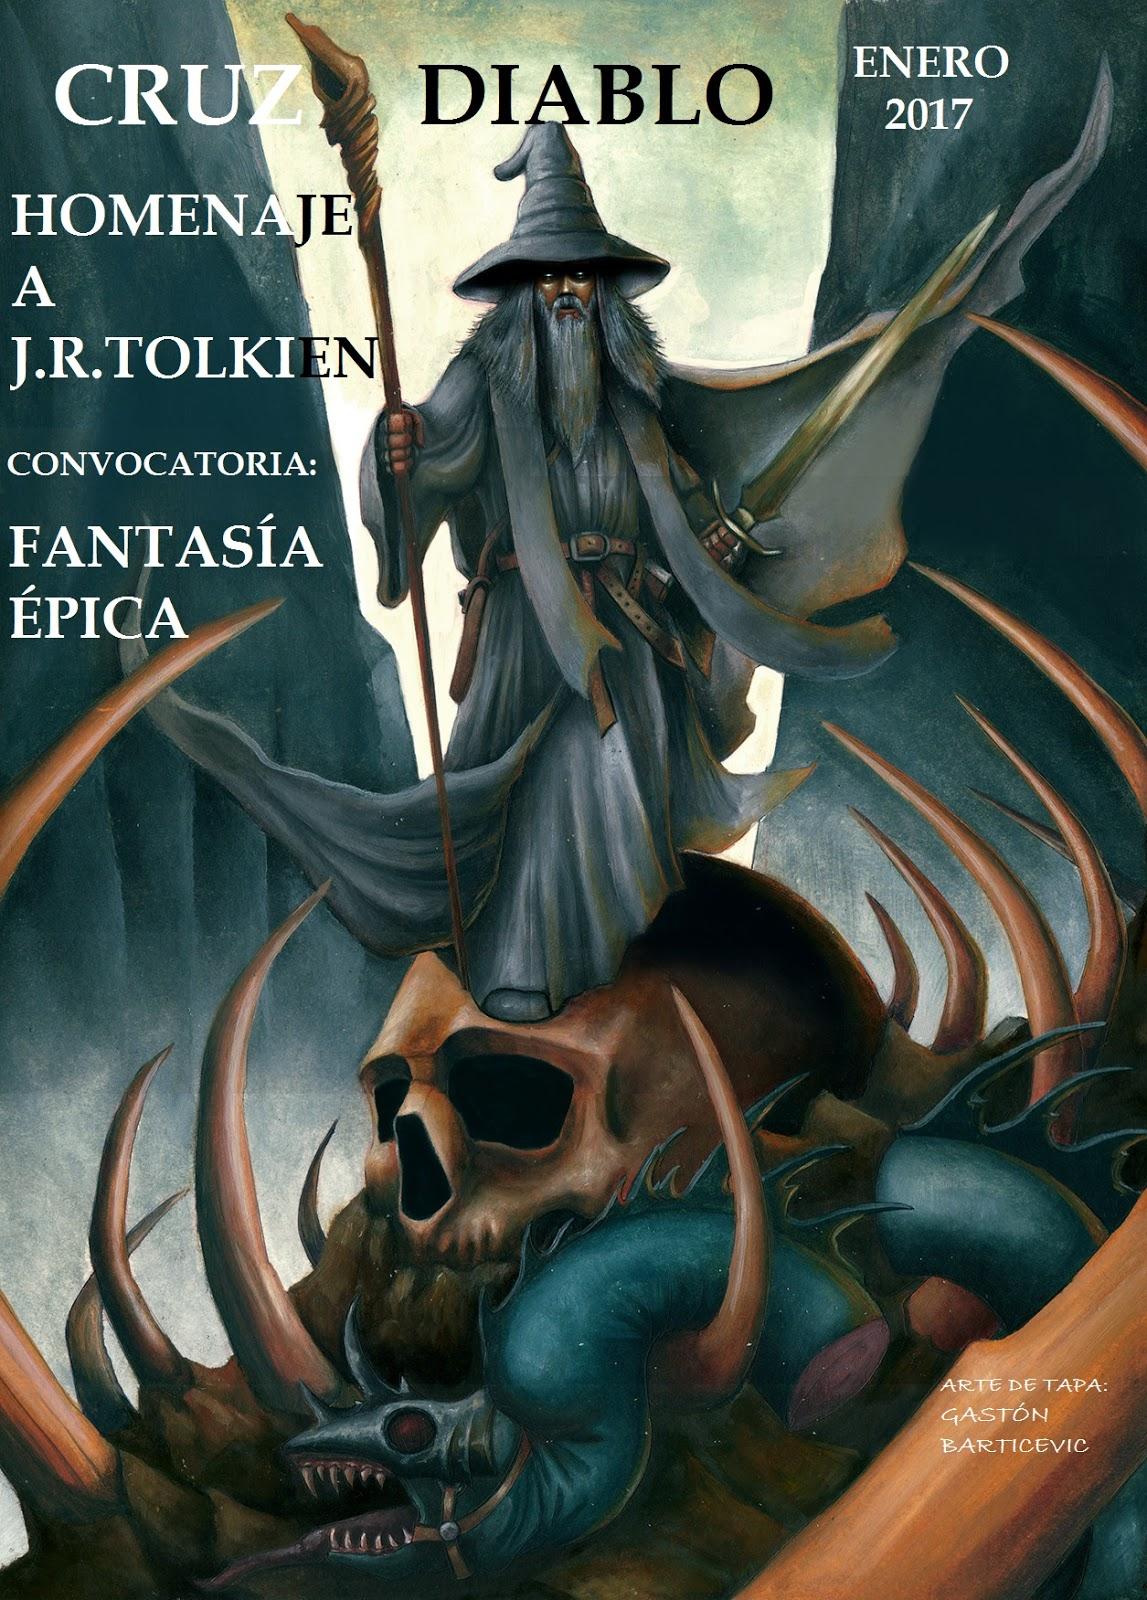 Revista Cruz Diablo Homenaje a Tolkien